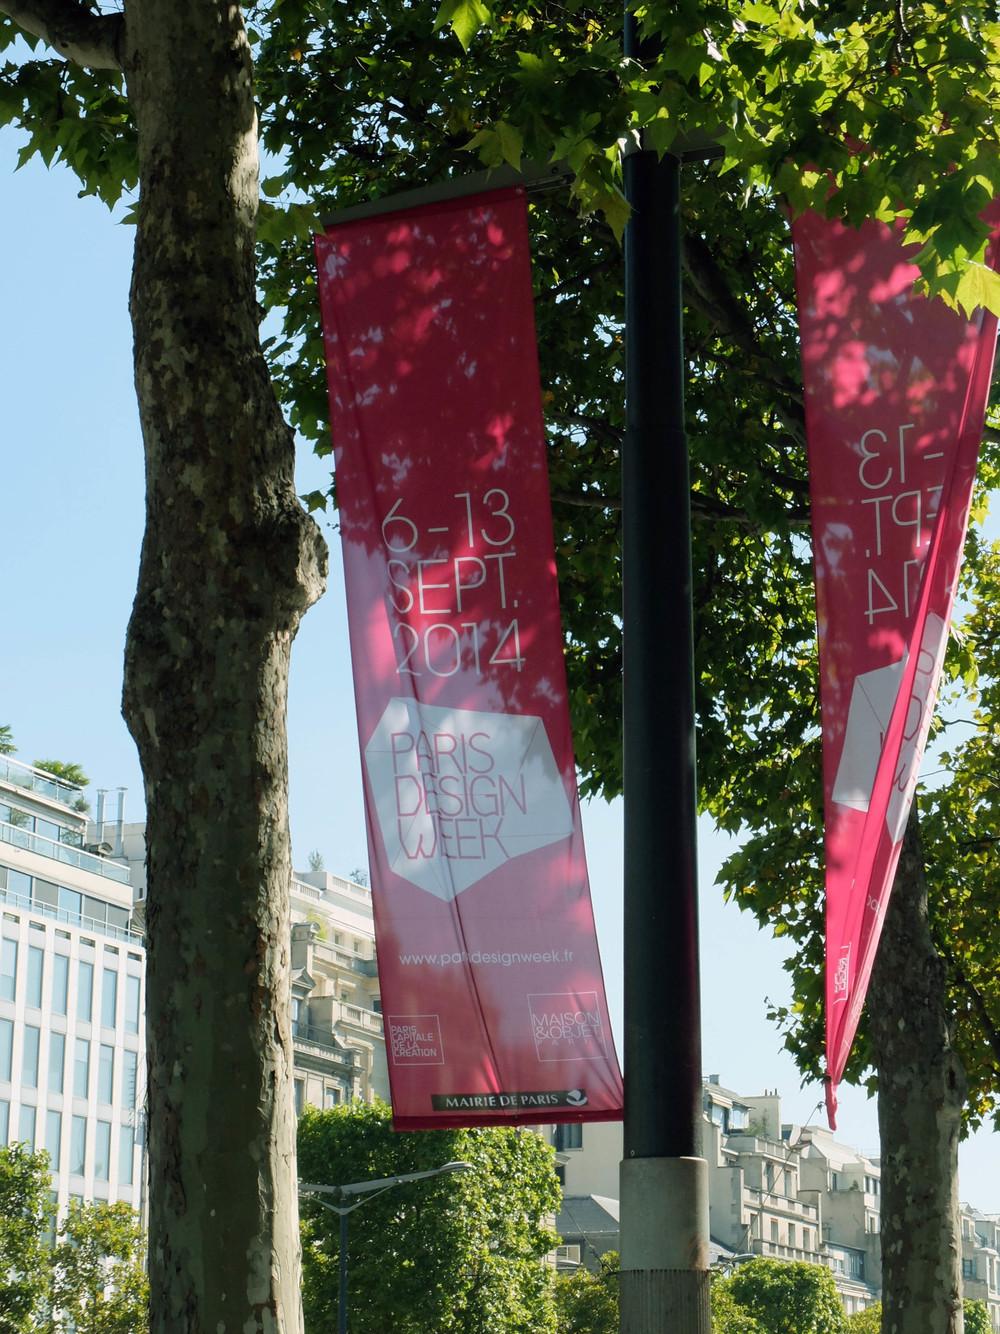 Paris Design Week signage on the Champs Elysees (oh la la!)